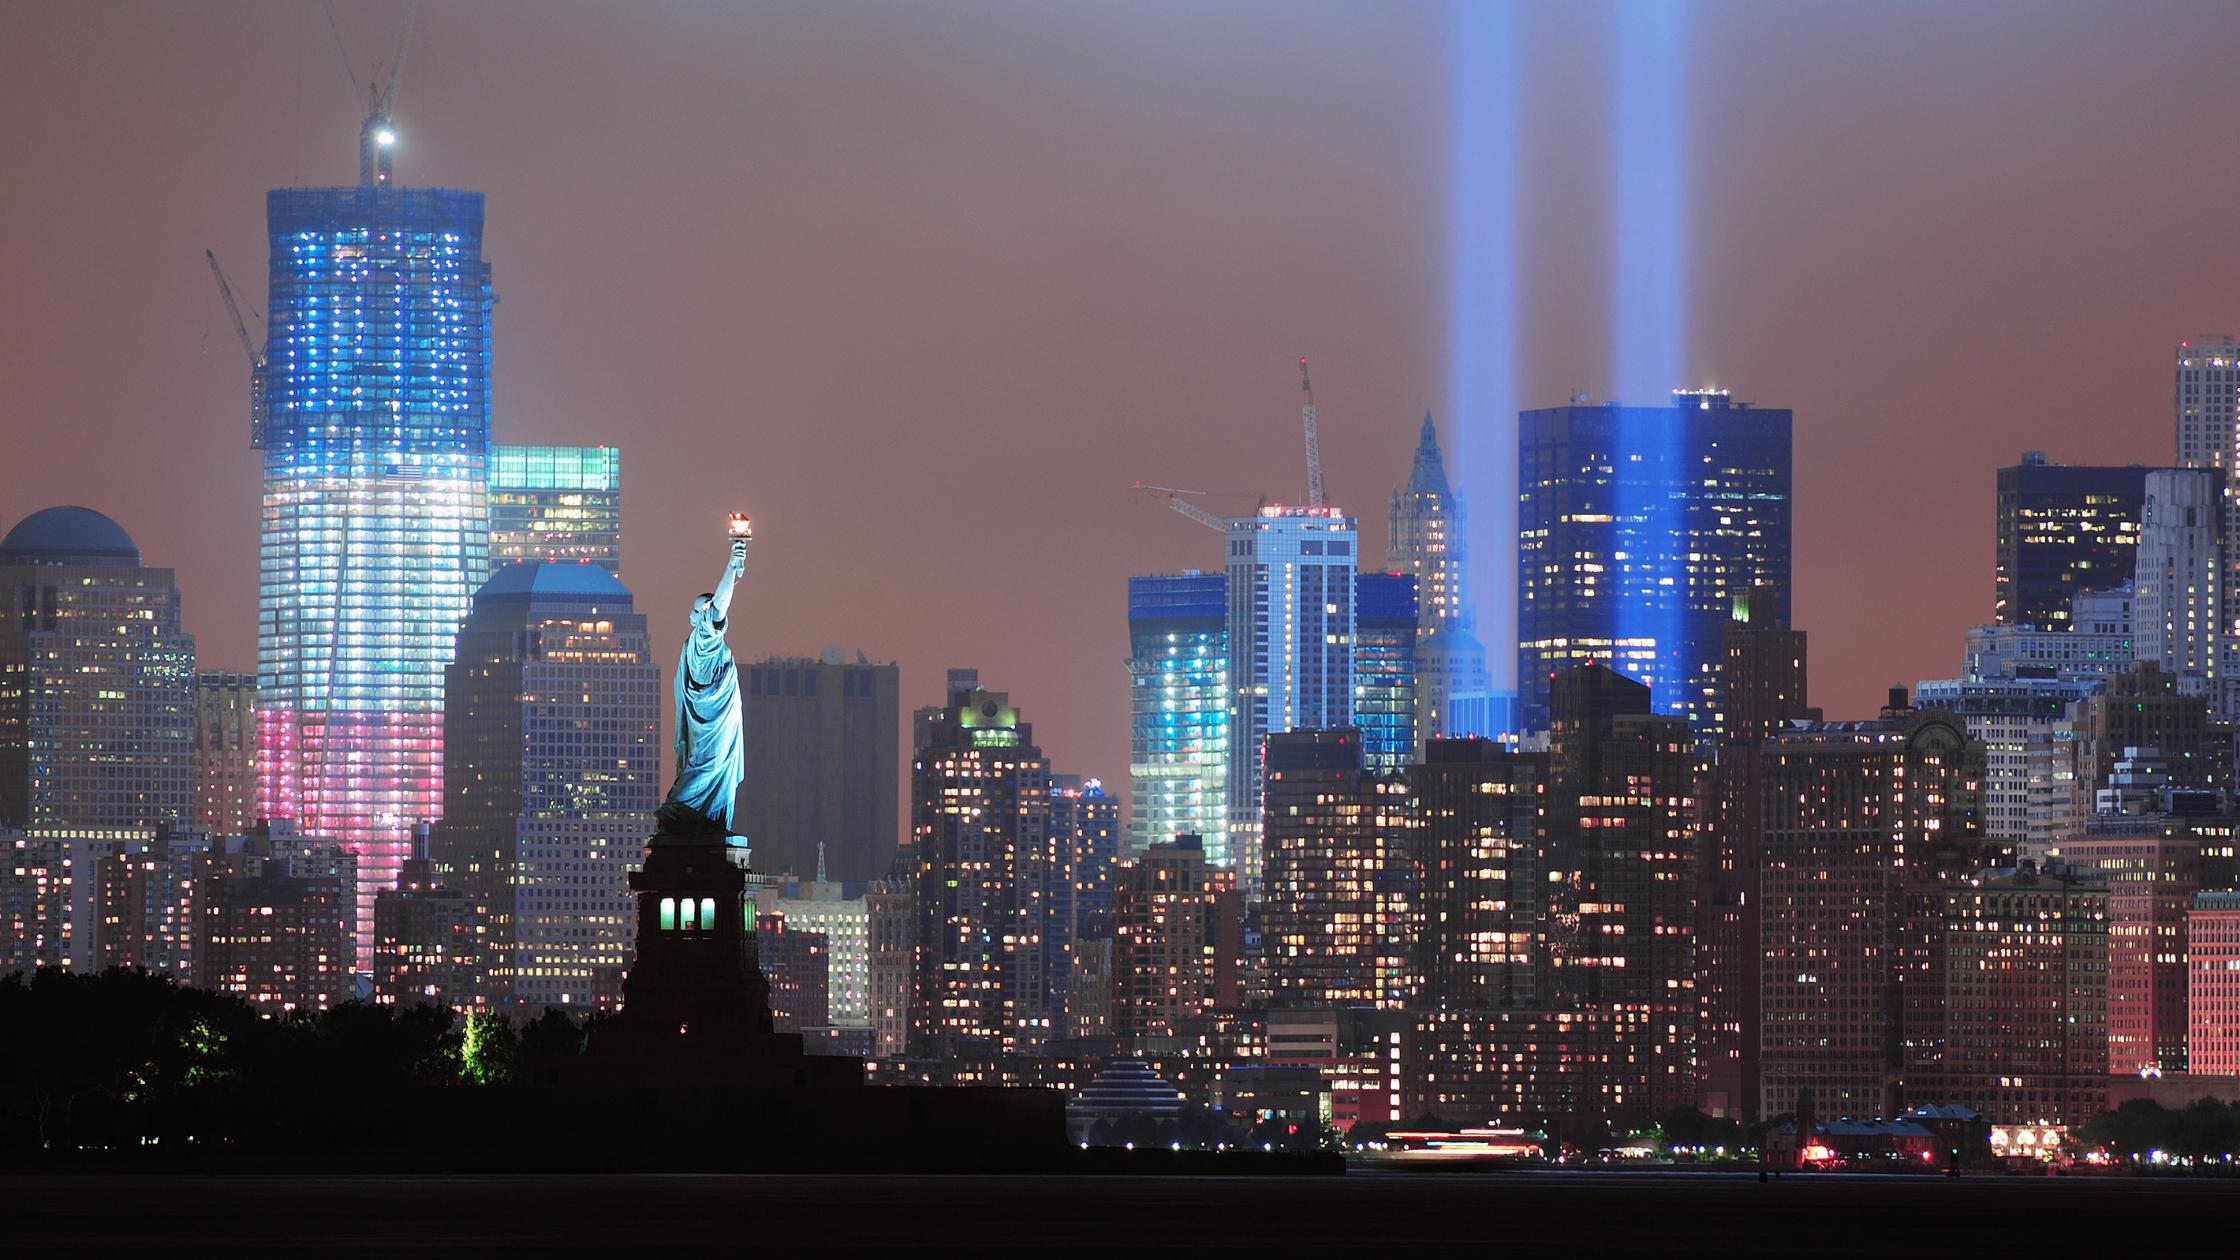 September 11 Anniversary Bio-One Remembers